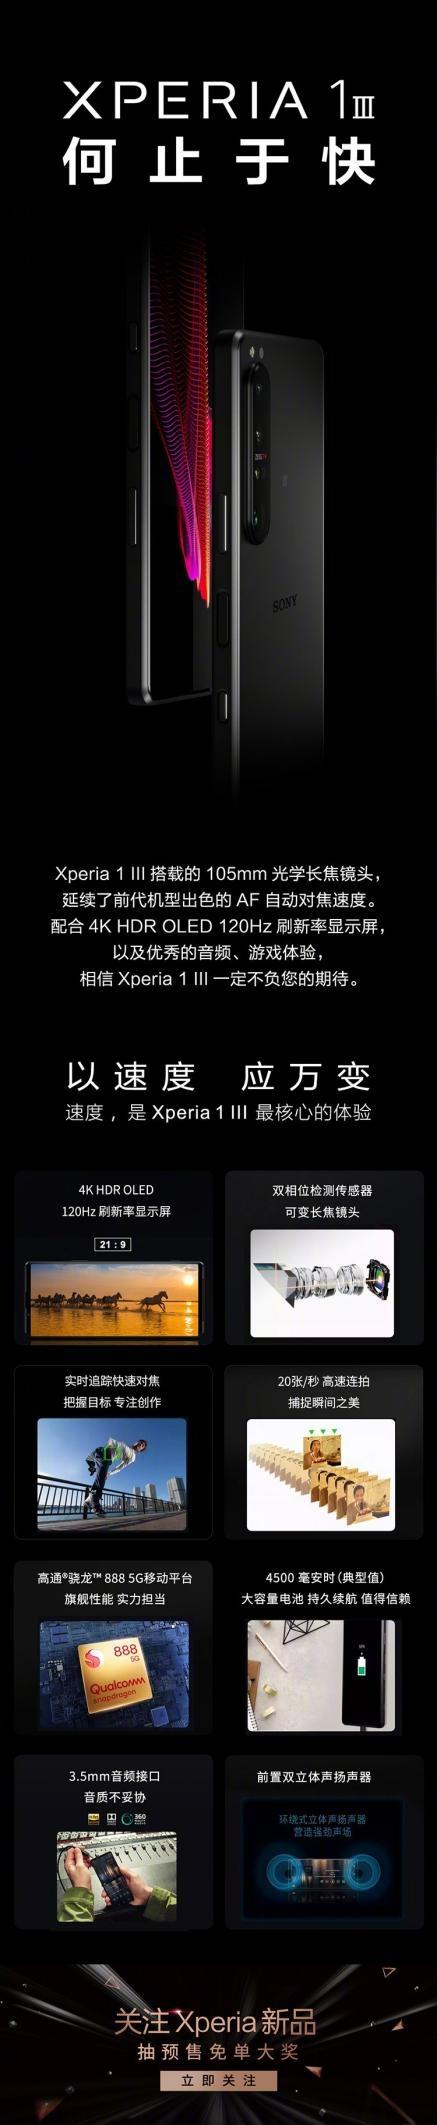 索尼新旗舰手机Xperia 1 III京东开启预约 5月20日国内发布